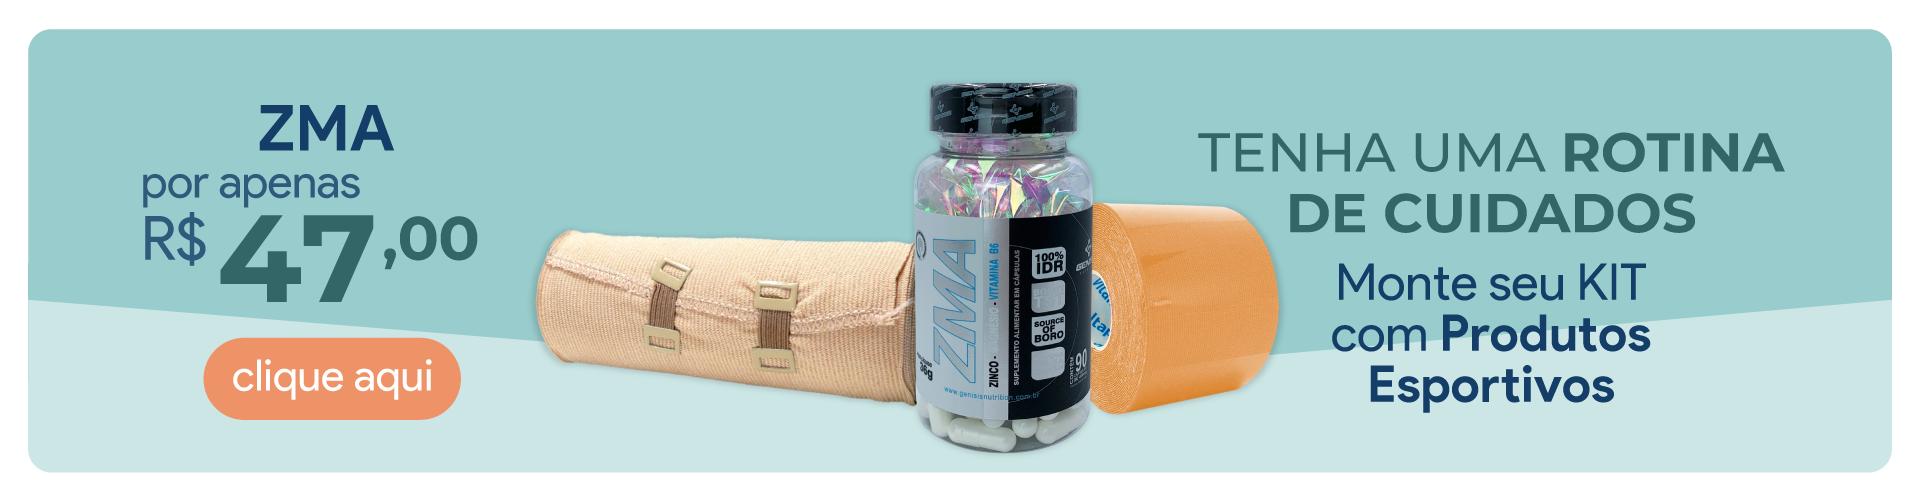 banner-produtos-esportivos-zma